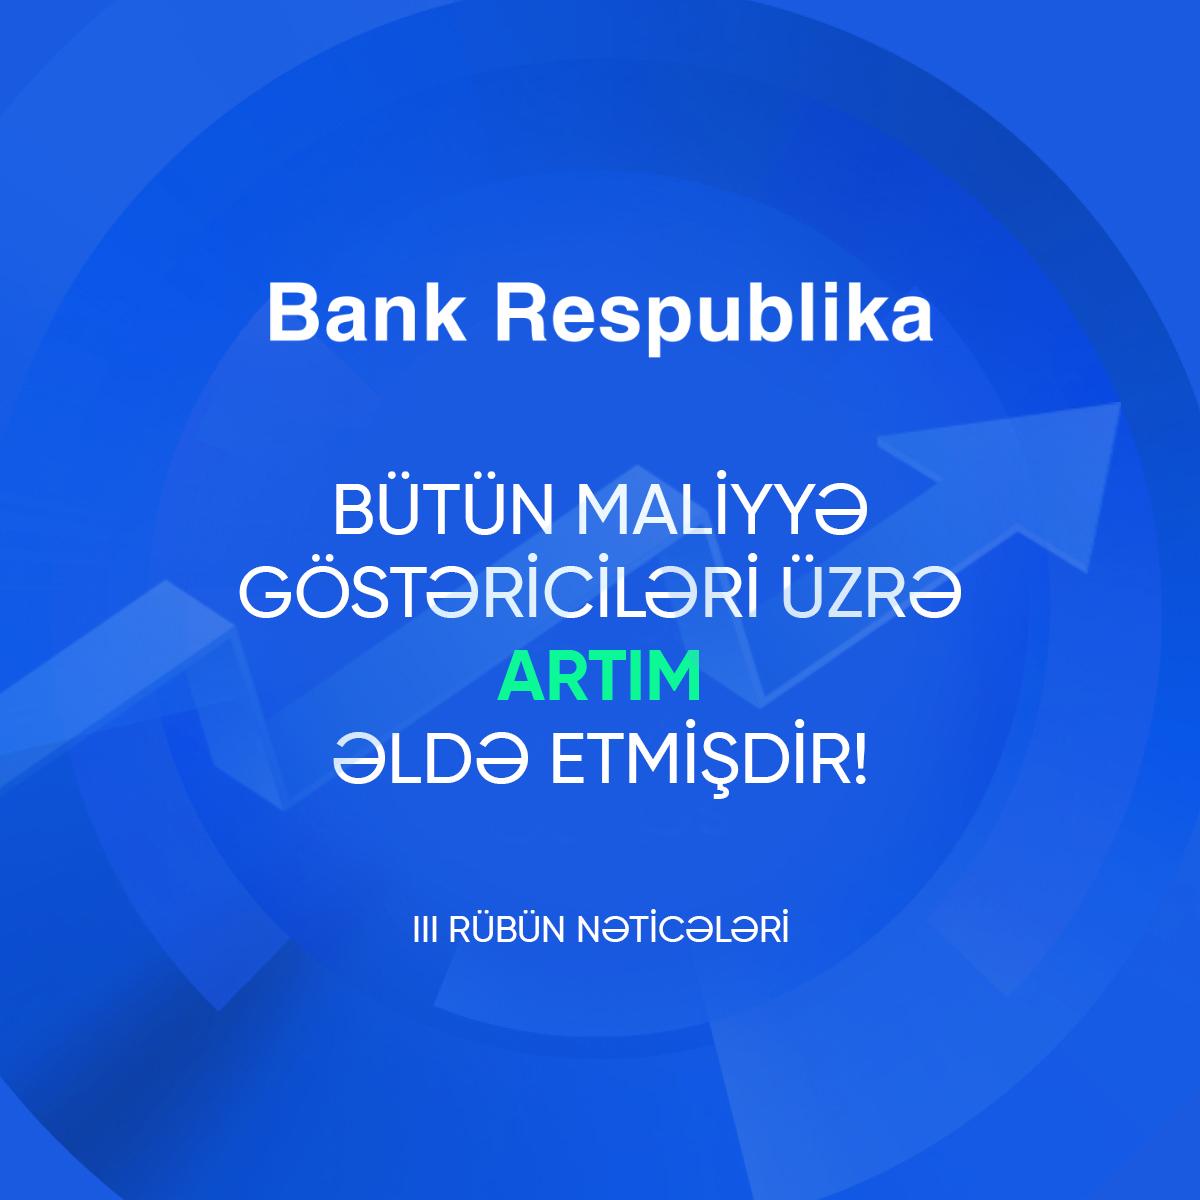 Банк Республика значительно увеличил кредитный и депозитный портфели